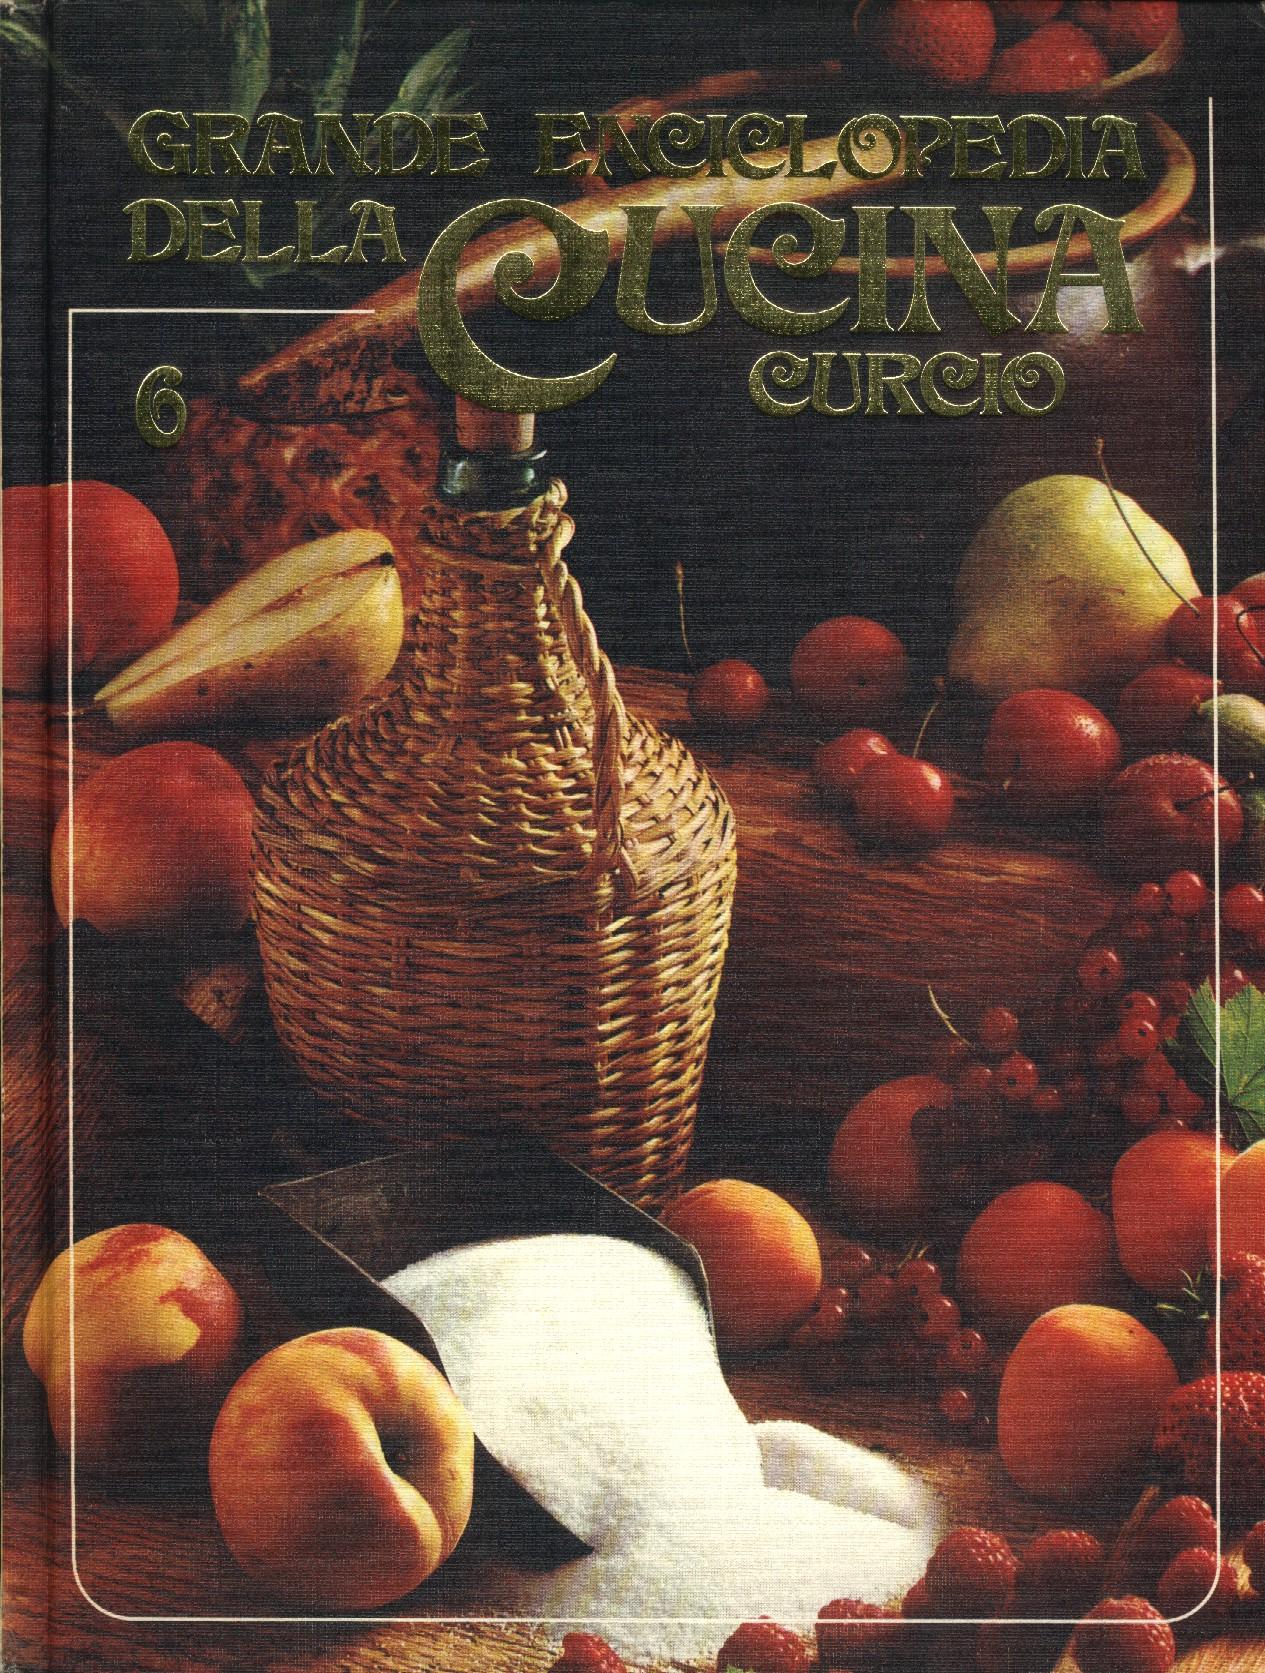 Grande Enciclopedia della Cucina Vol. 6 (cer-con)